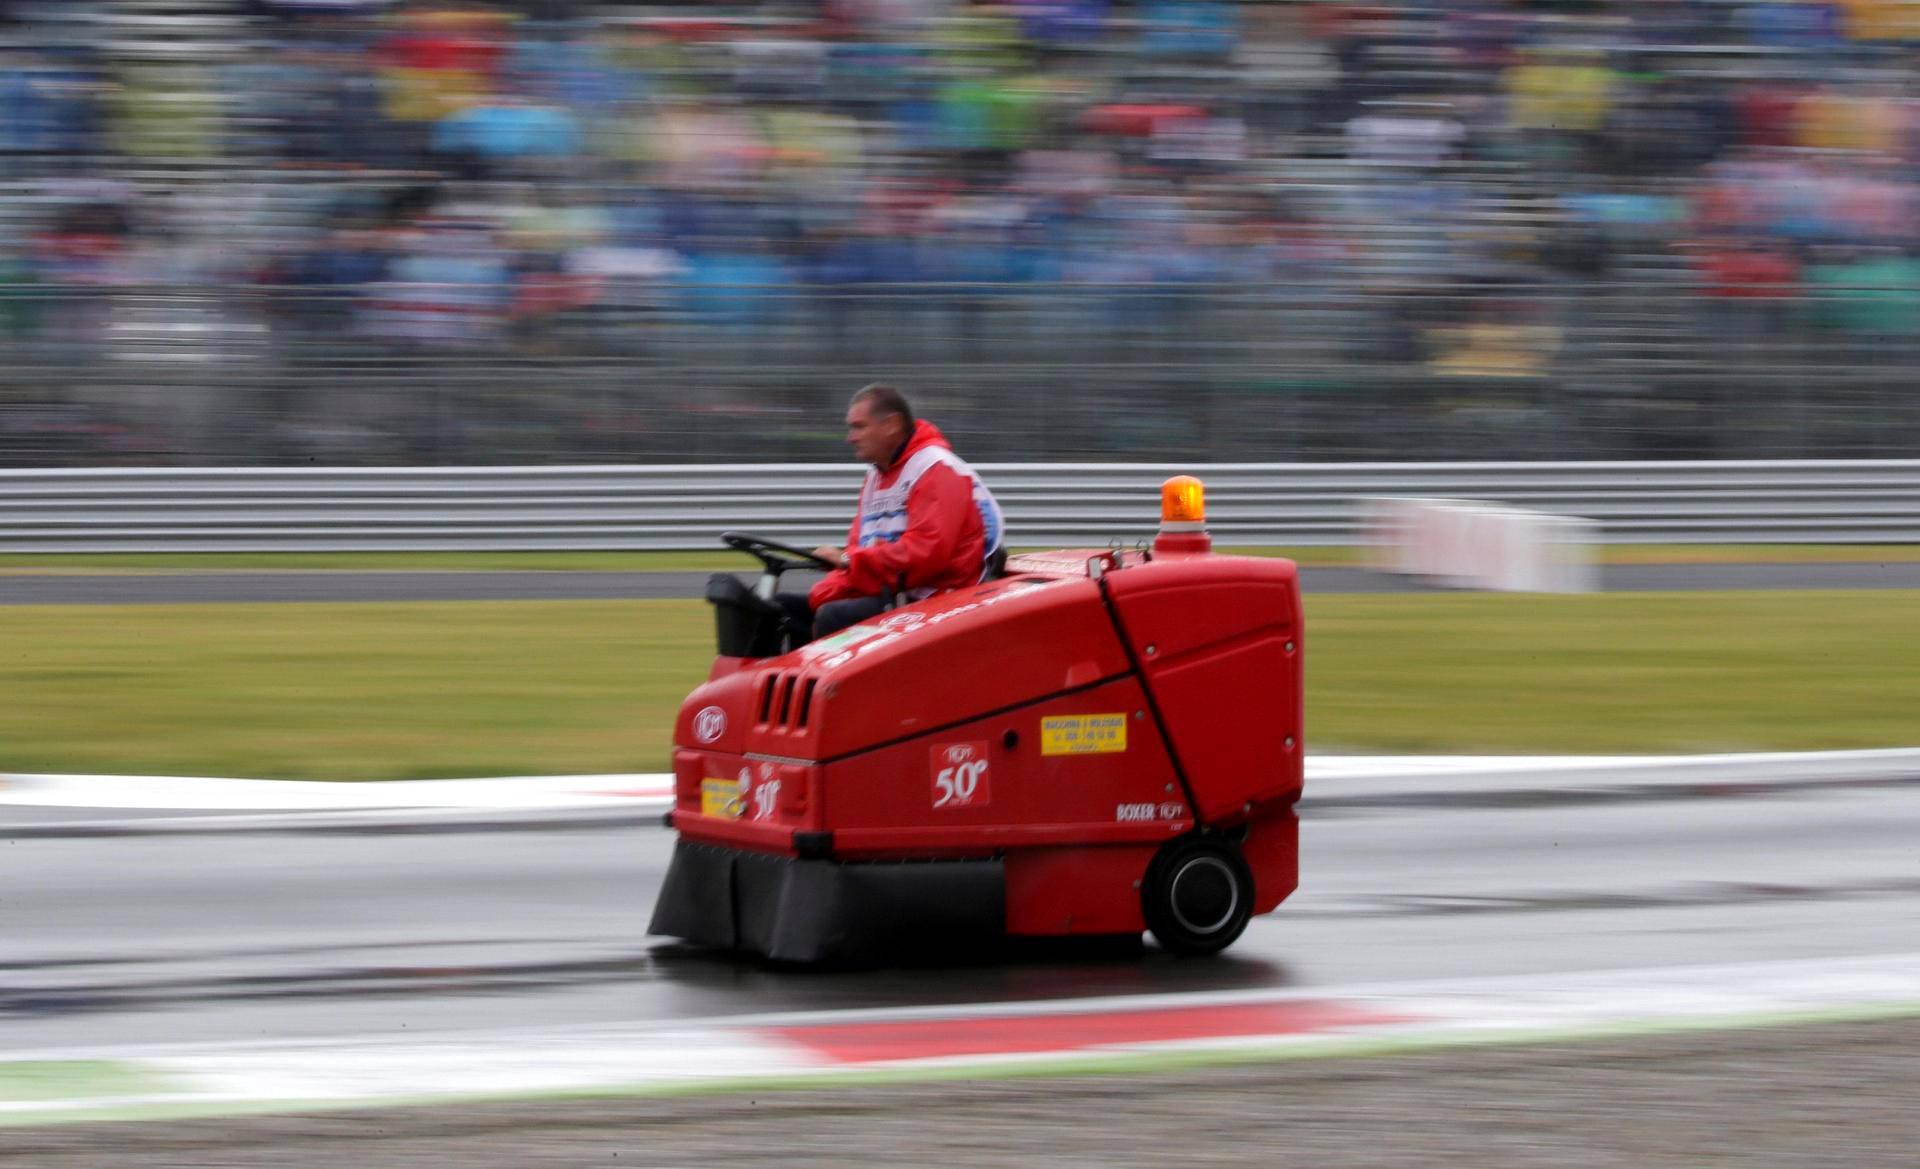 Lakaisukone hurjastelee Monzan moottoriradalla lauantaina, kun formula 1 -ajojen kilparataa puhdistettiin sadevedestä, jotta aika-ajot saatiin ajettua turvallisesti.